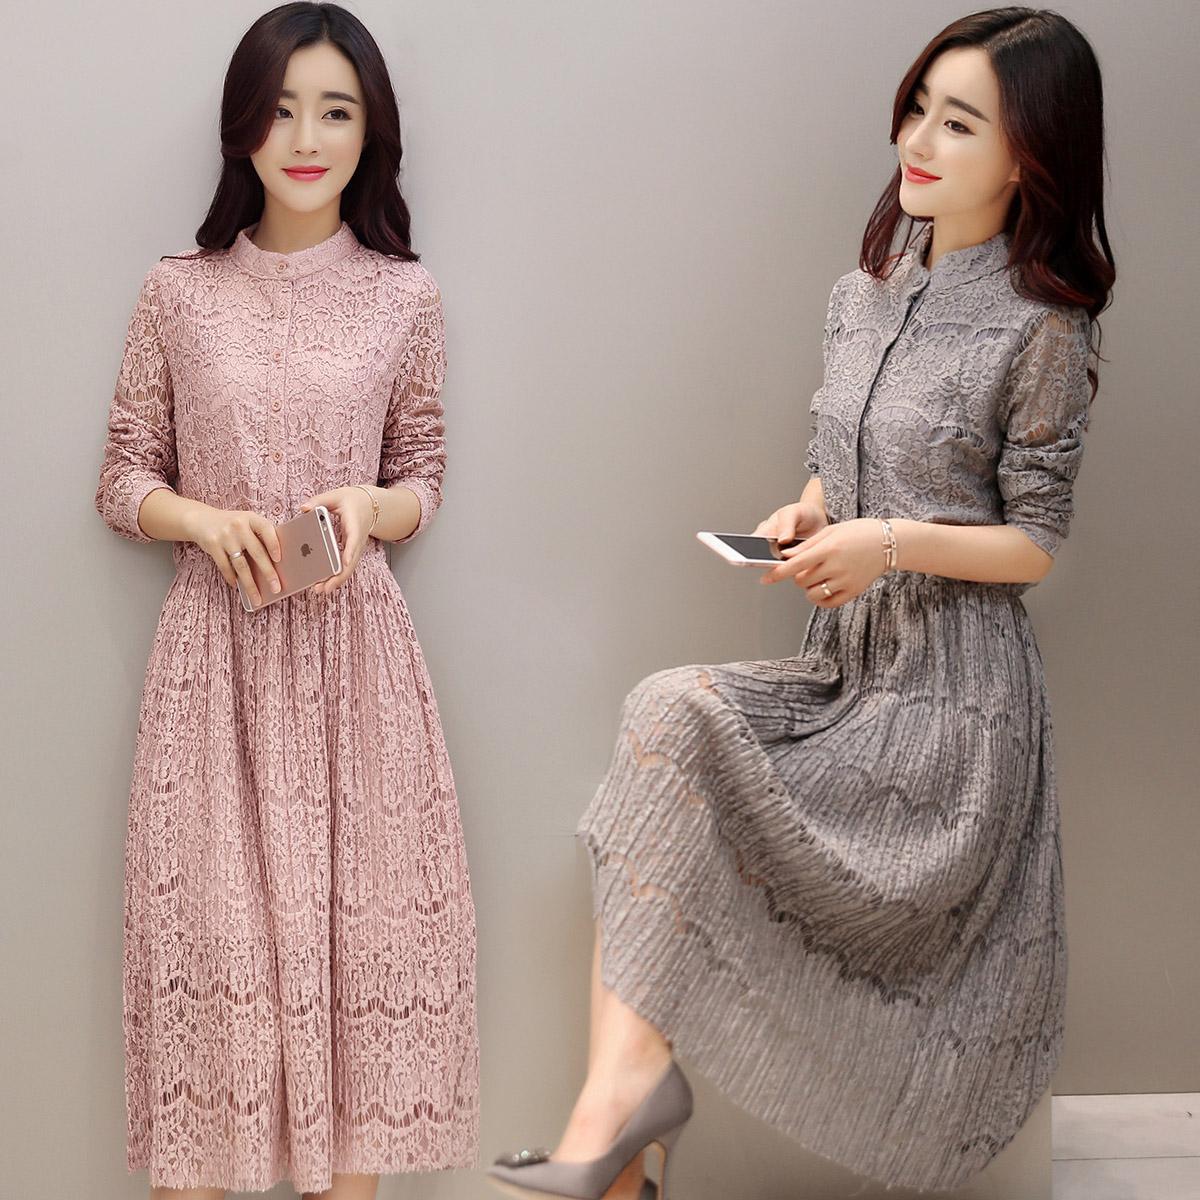 2016春装新款女装中长款蕾丝连衣裙韩版修身显瘦通勤OL打底连衣裙